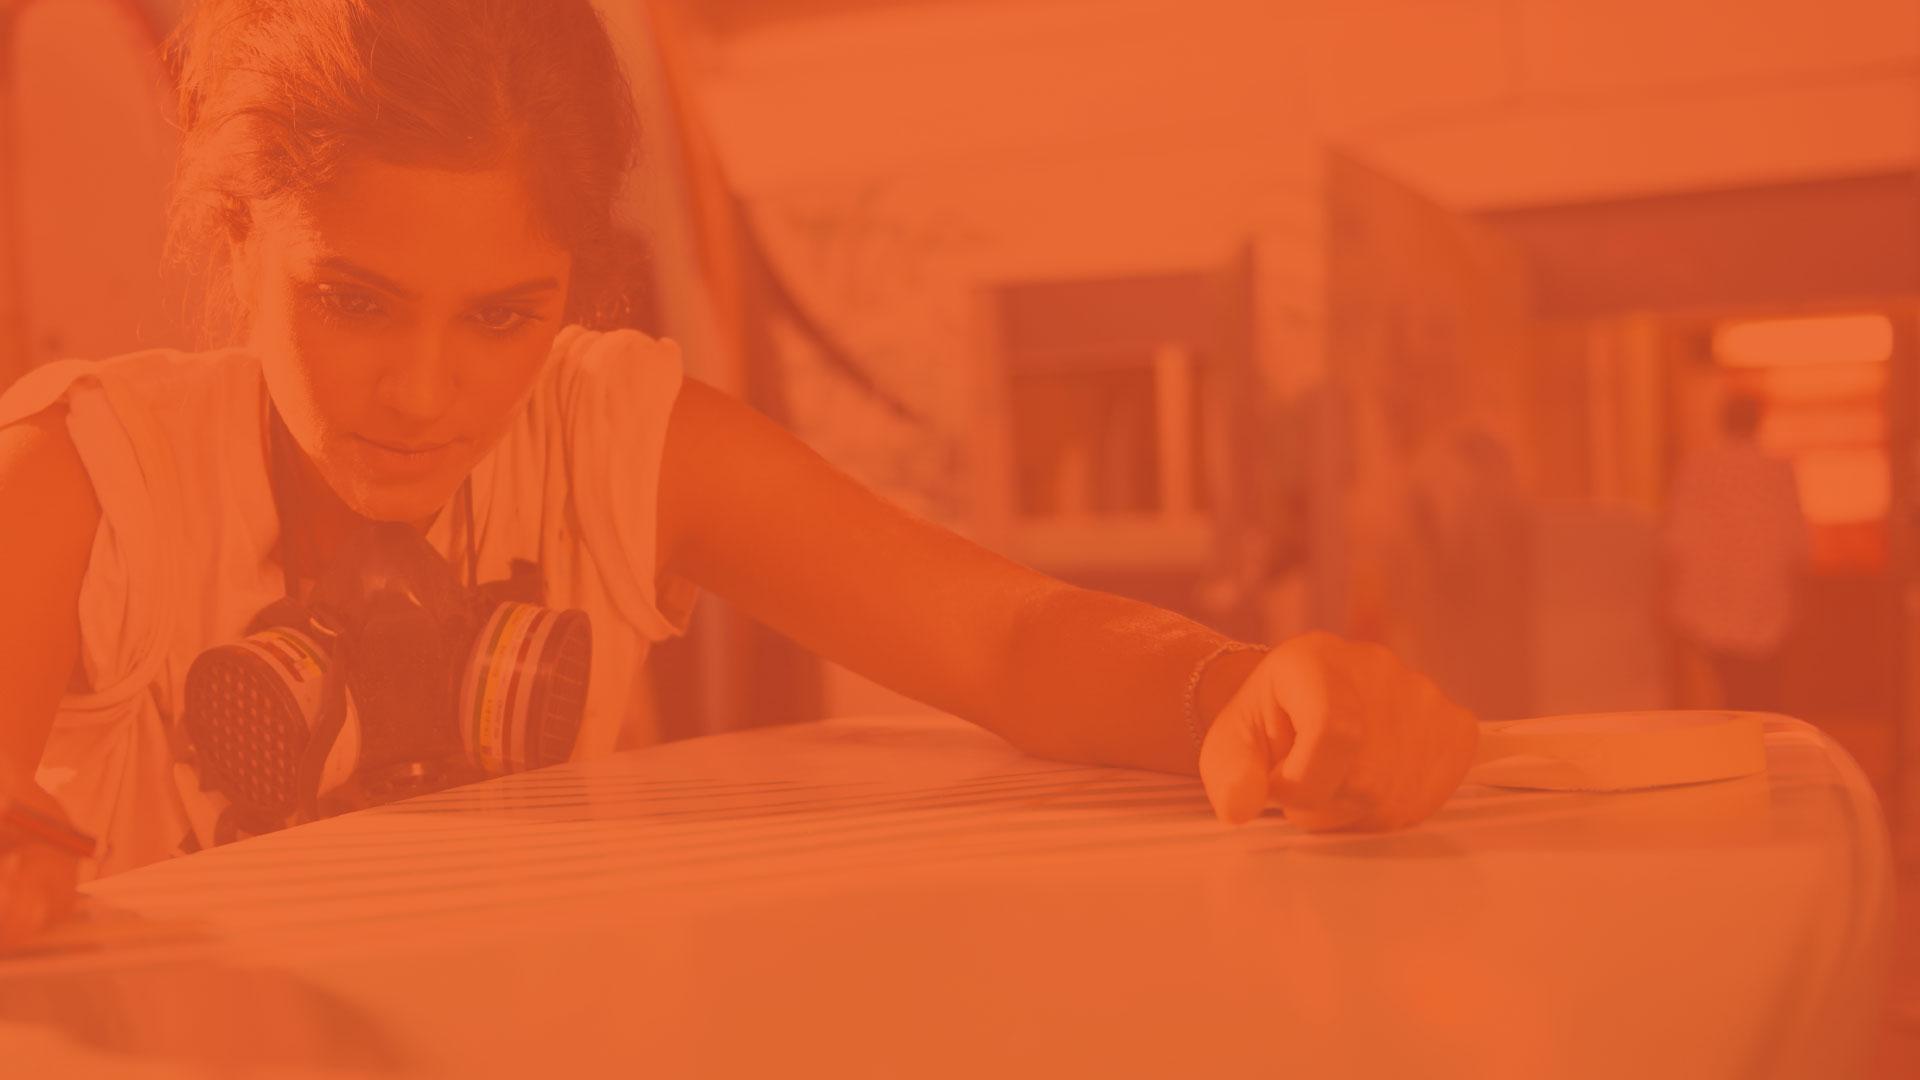 Billede af ung kvindelig iværsætter i arbejde